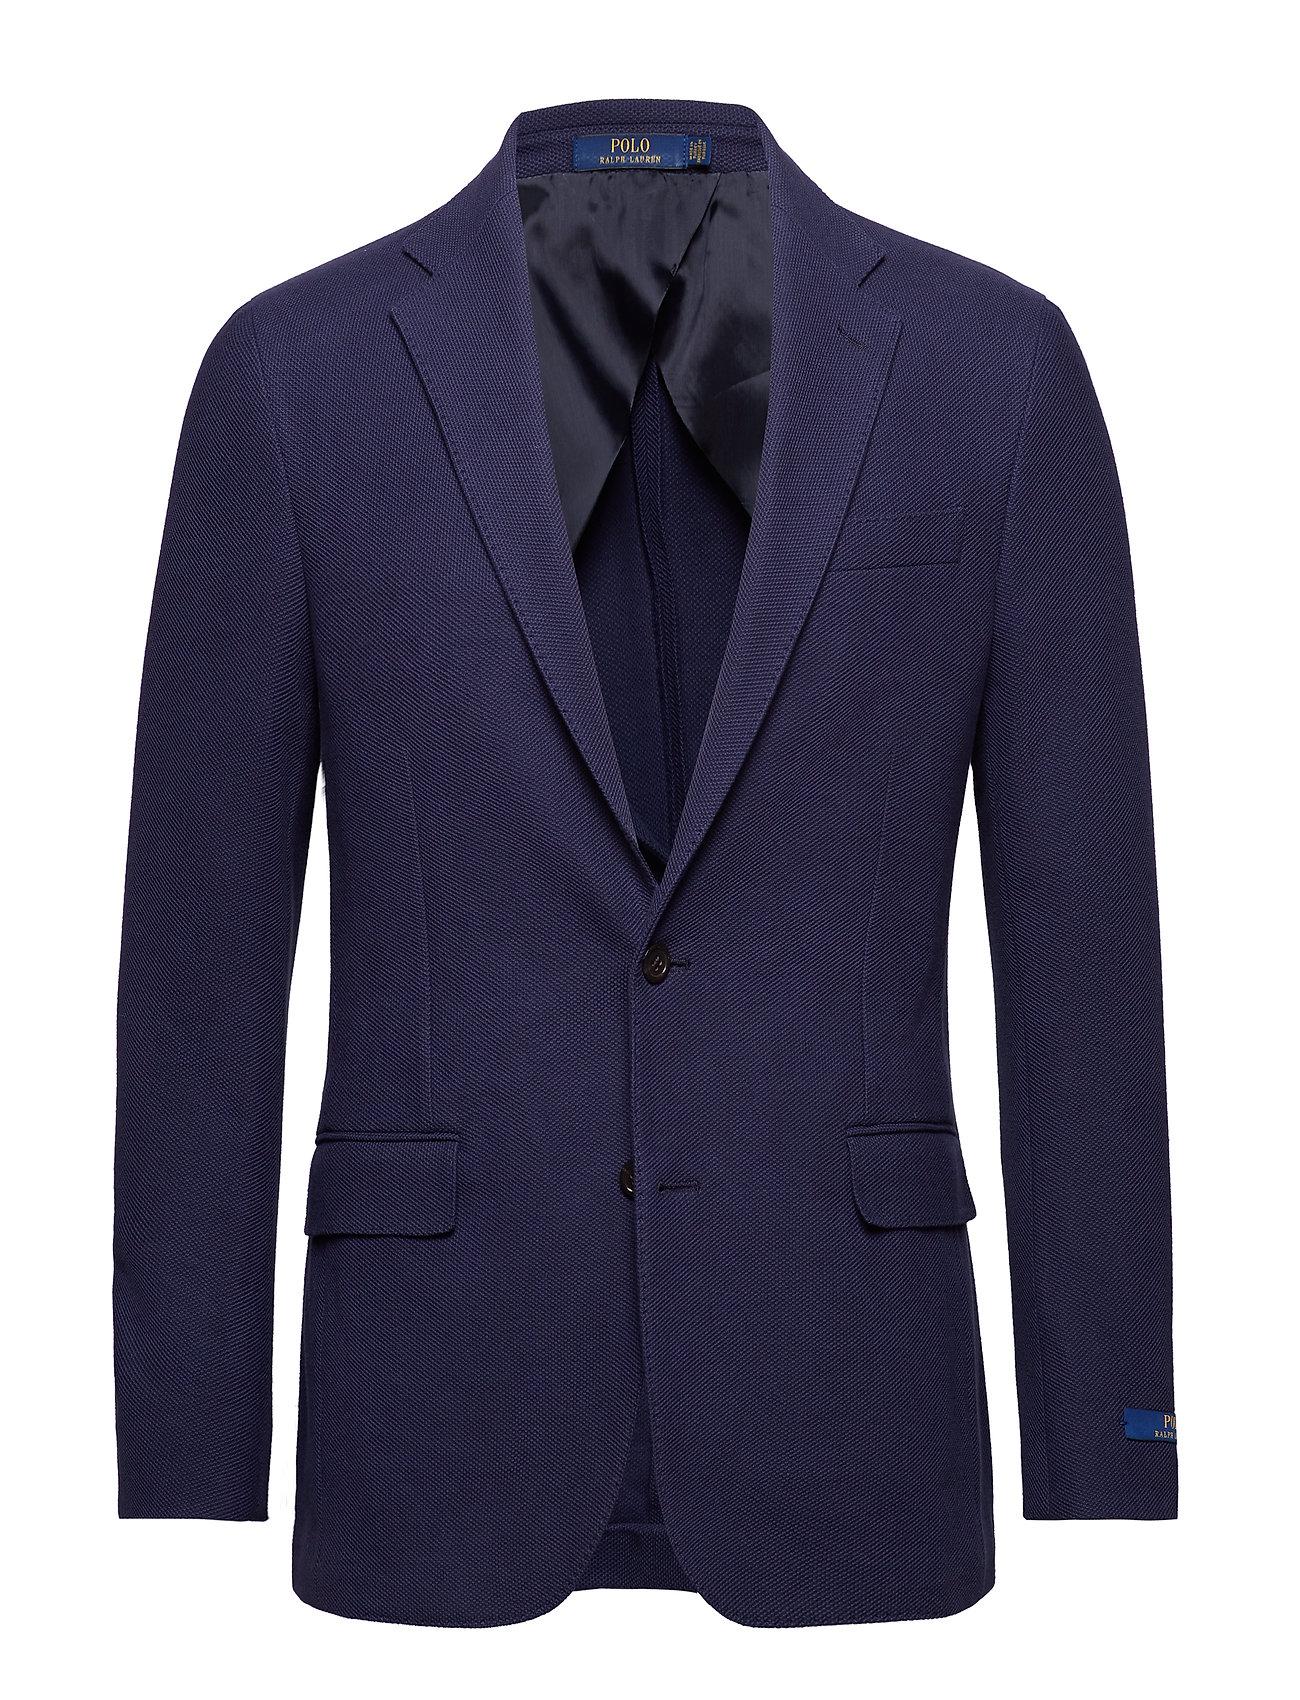 Polo Ralph Lauren Morgan Cotton Pique Blazer Kostymer & kavajer